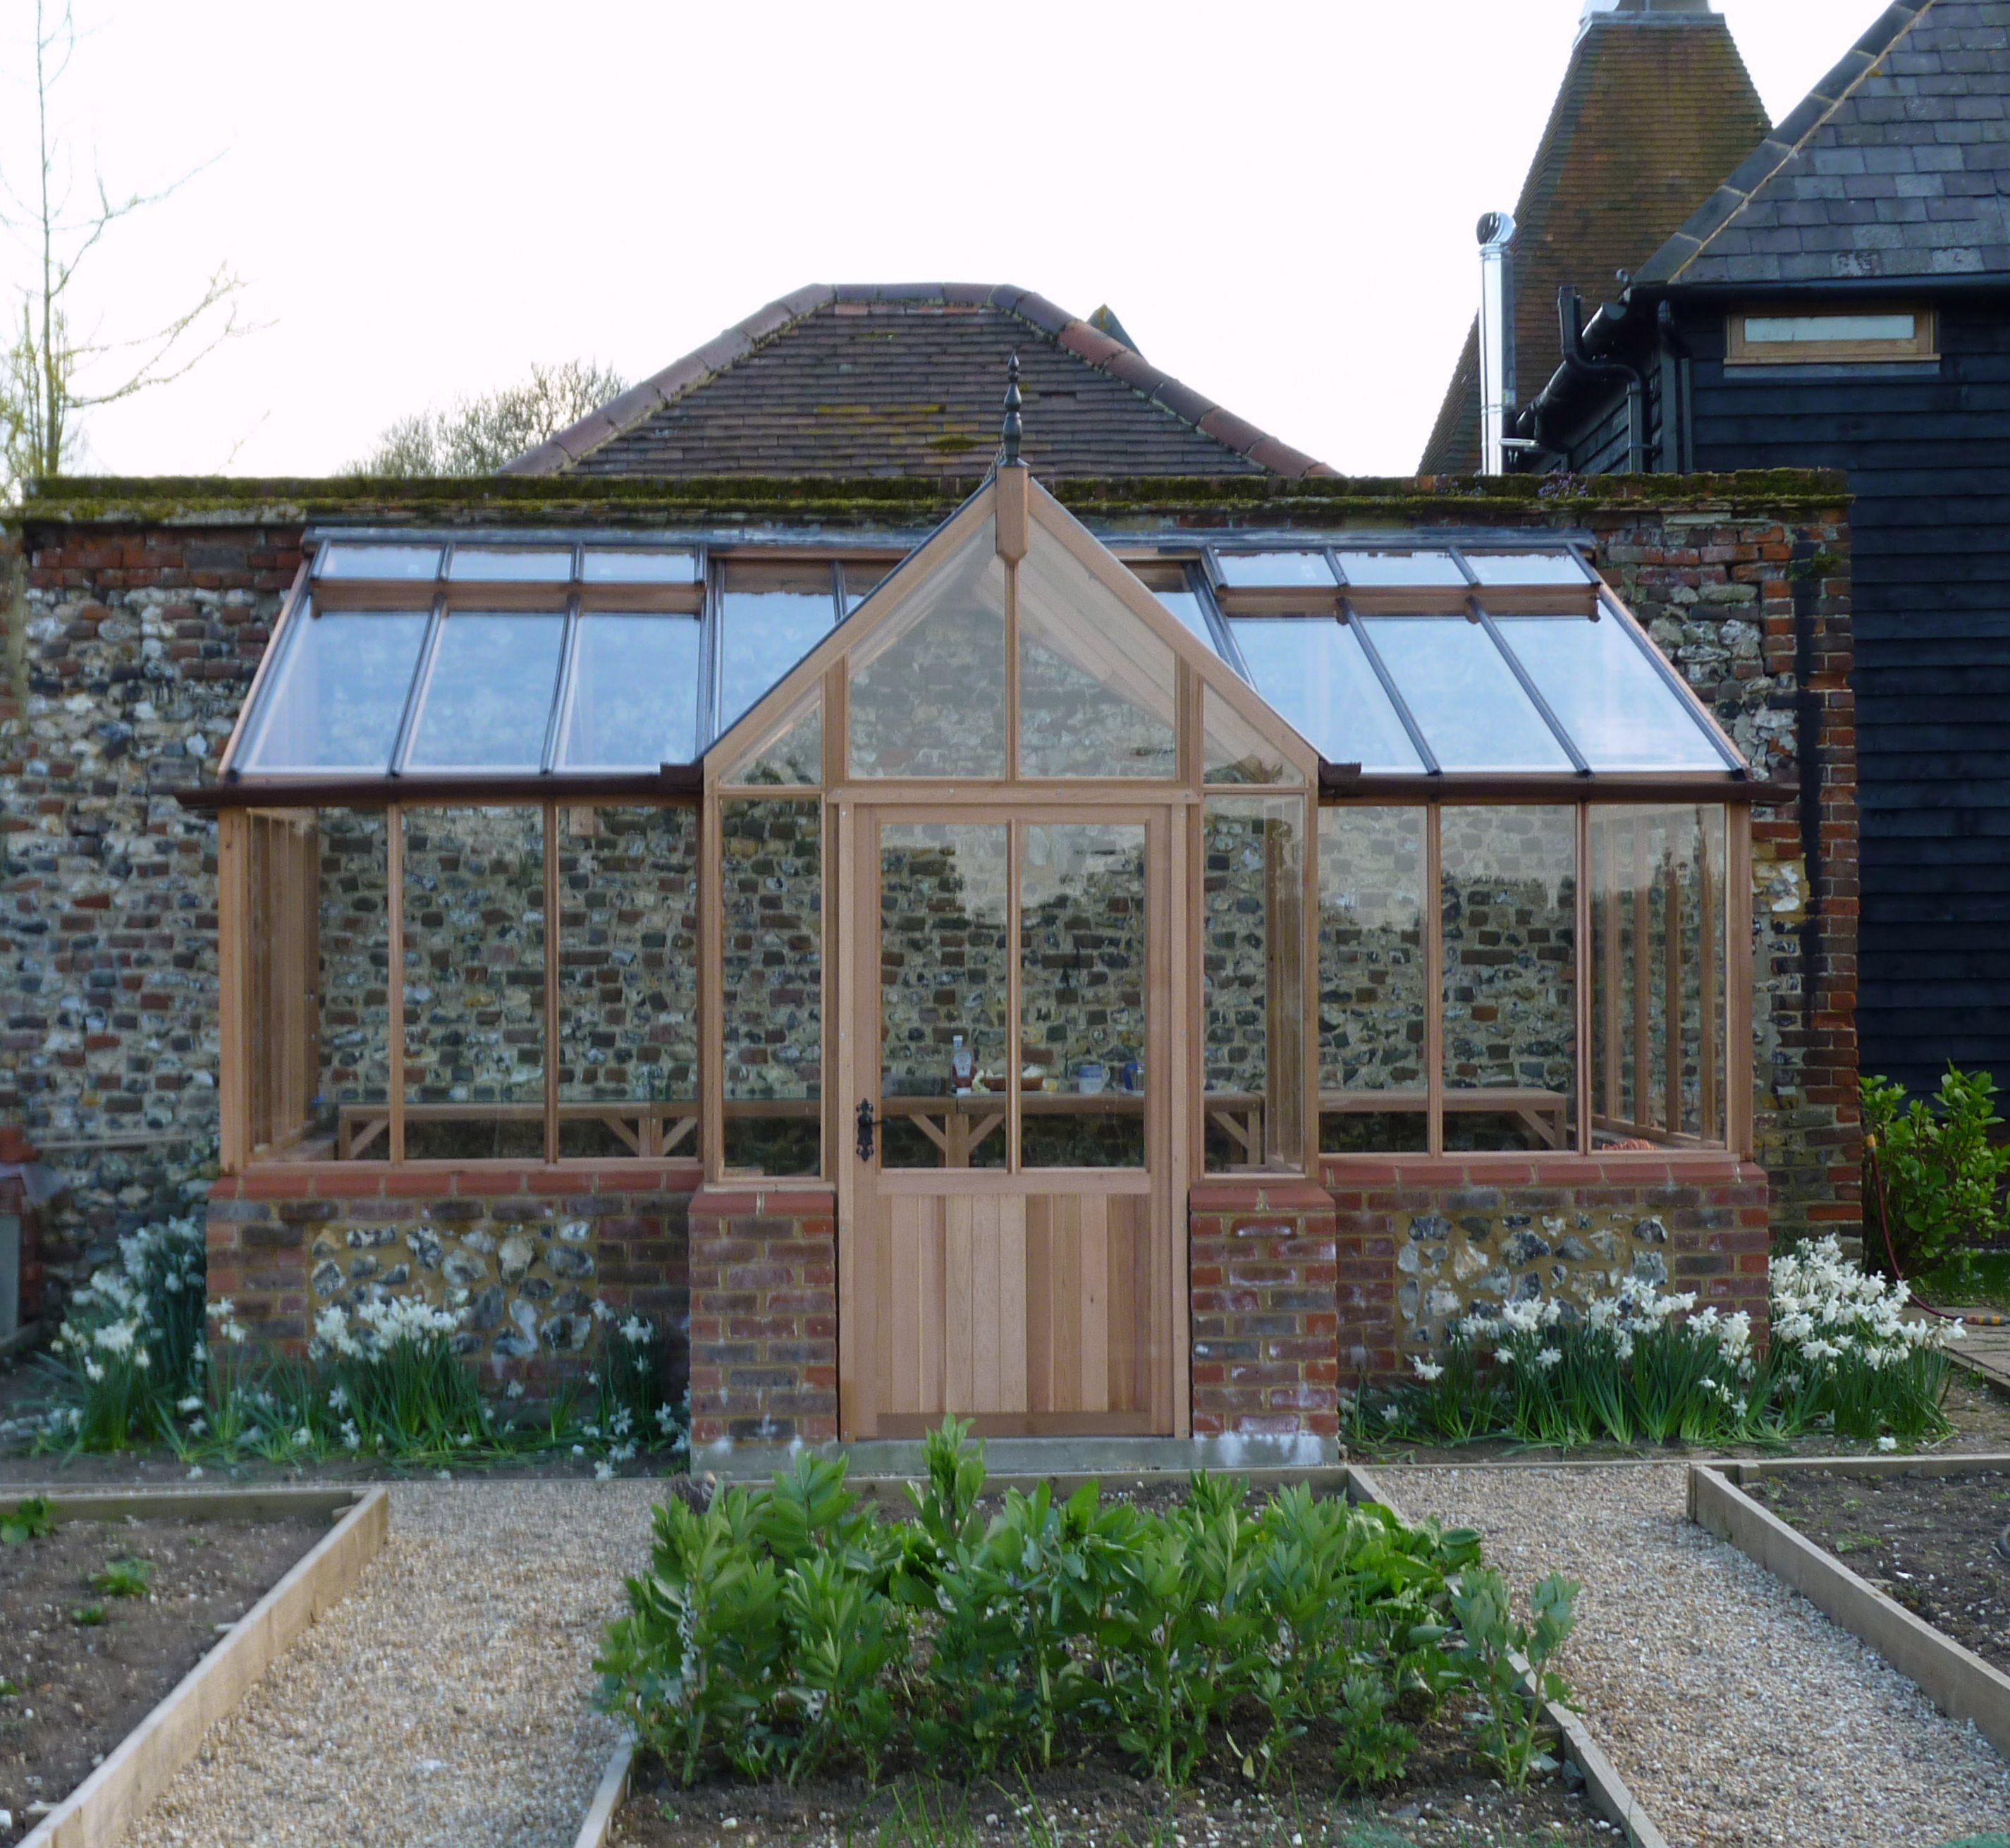 Cedar greenhouse by woodpecker joinery